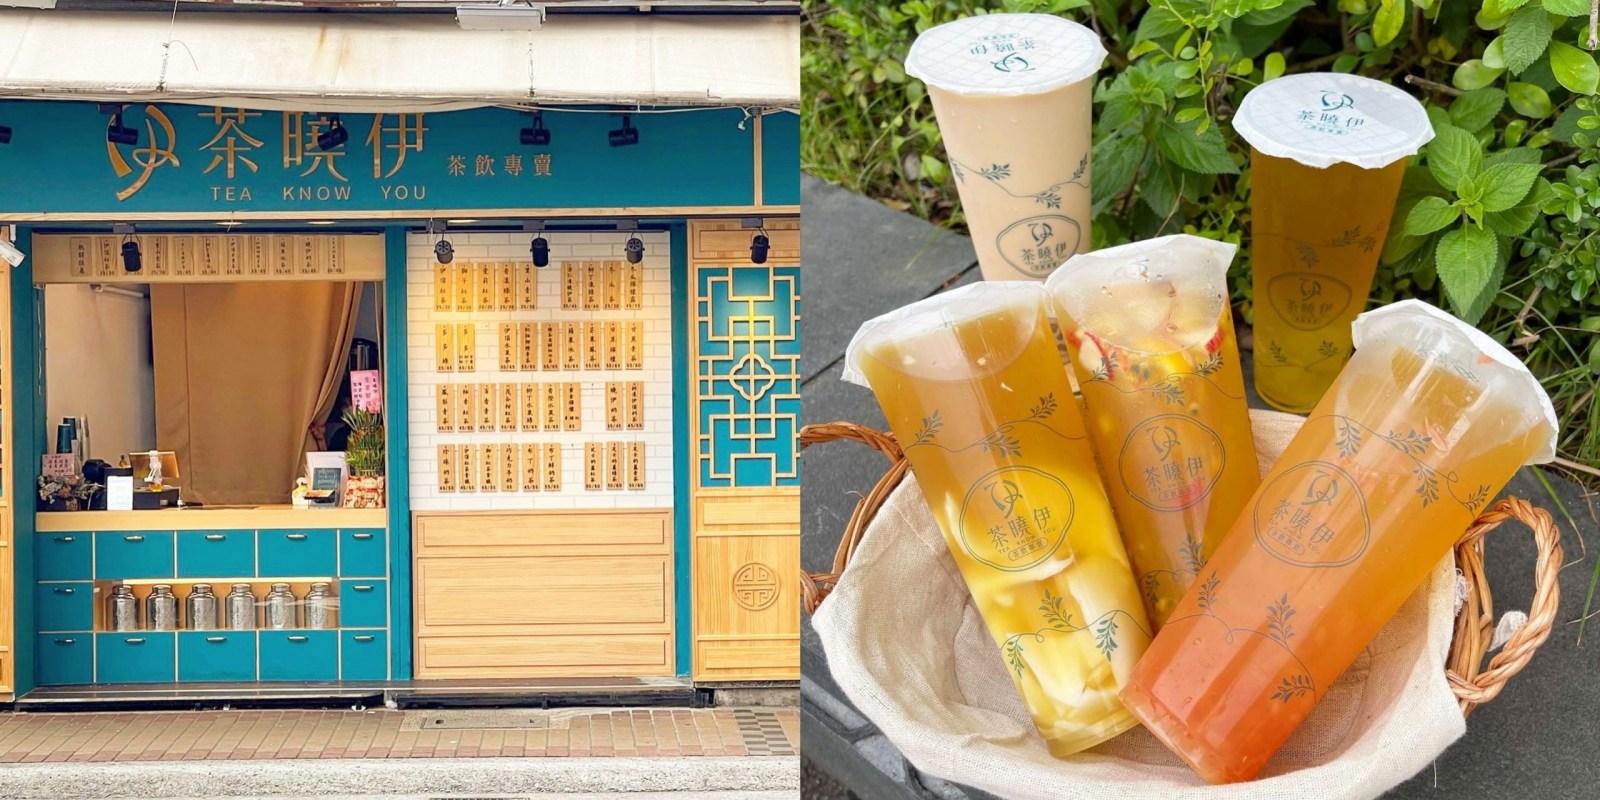 [新莊美食] 茶曉伊 茶飲專賣 - 多種特色飲料選擇~超美的新莊必喝新開飲料店!